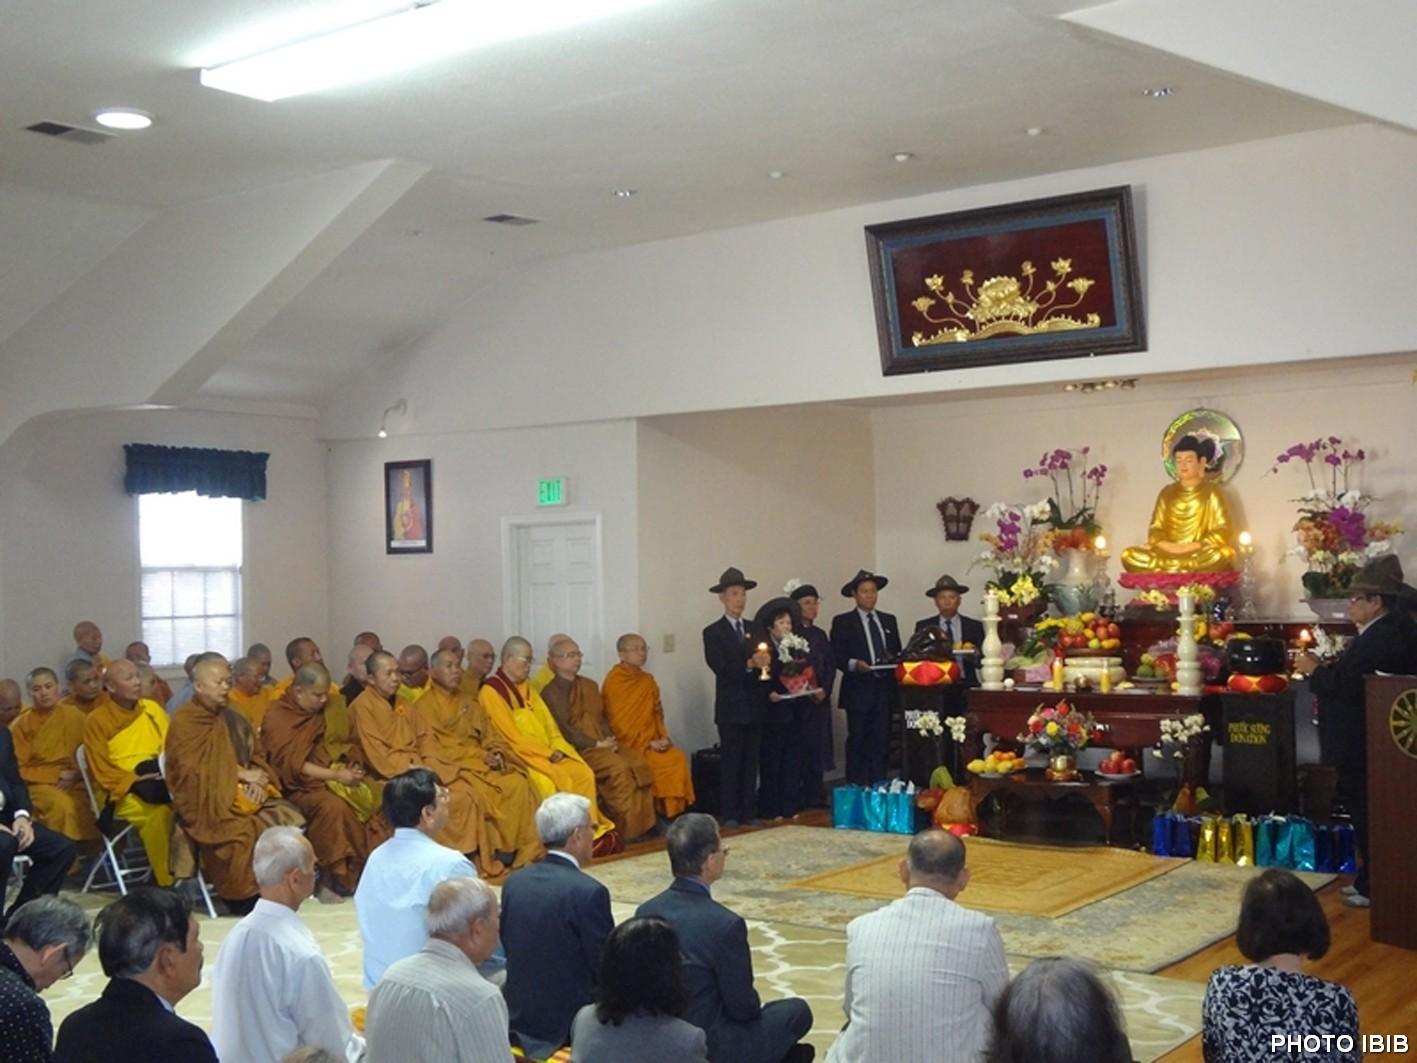 Chư Tăng Ni, Phật tử chuẩn bị hành lễ Chung thất tại Chánh điện chùa Phật Quang